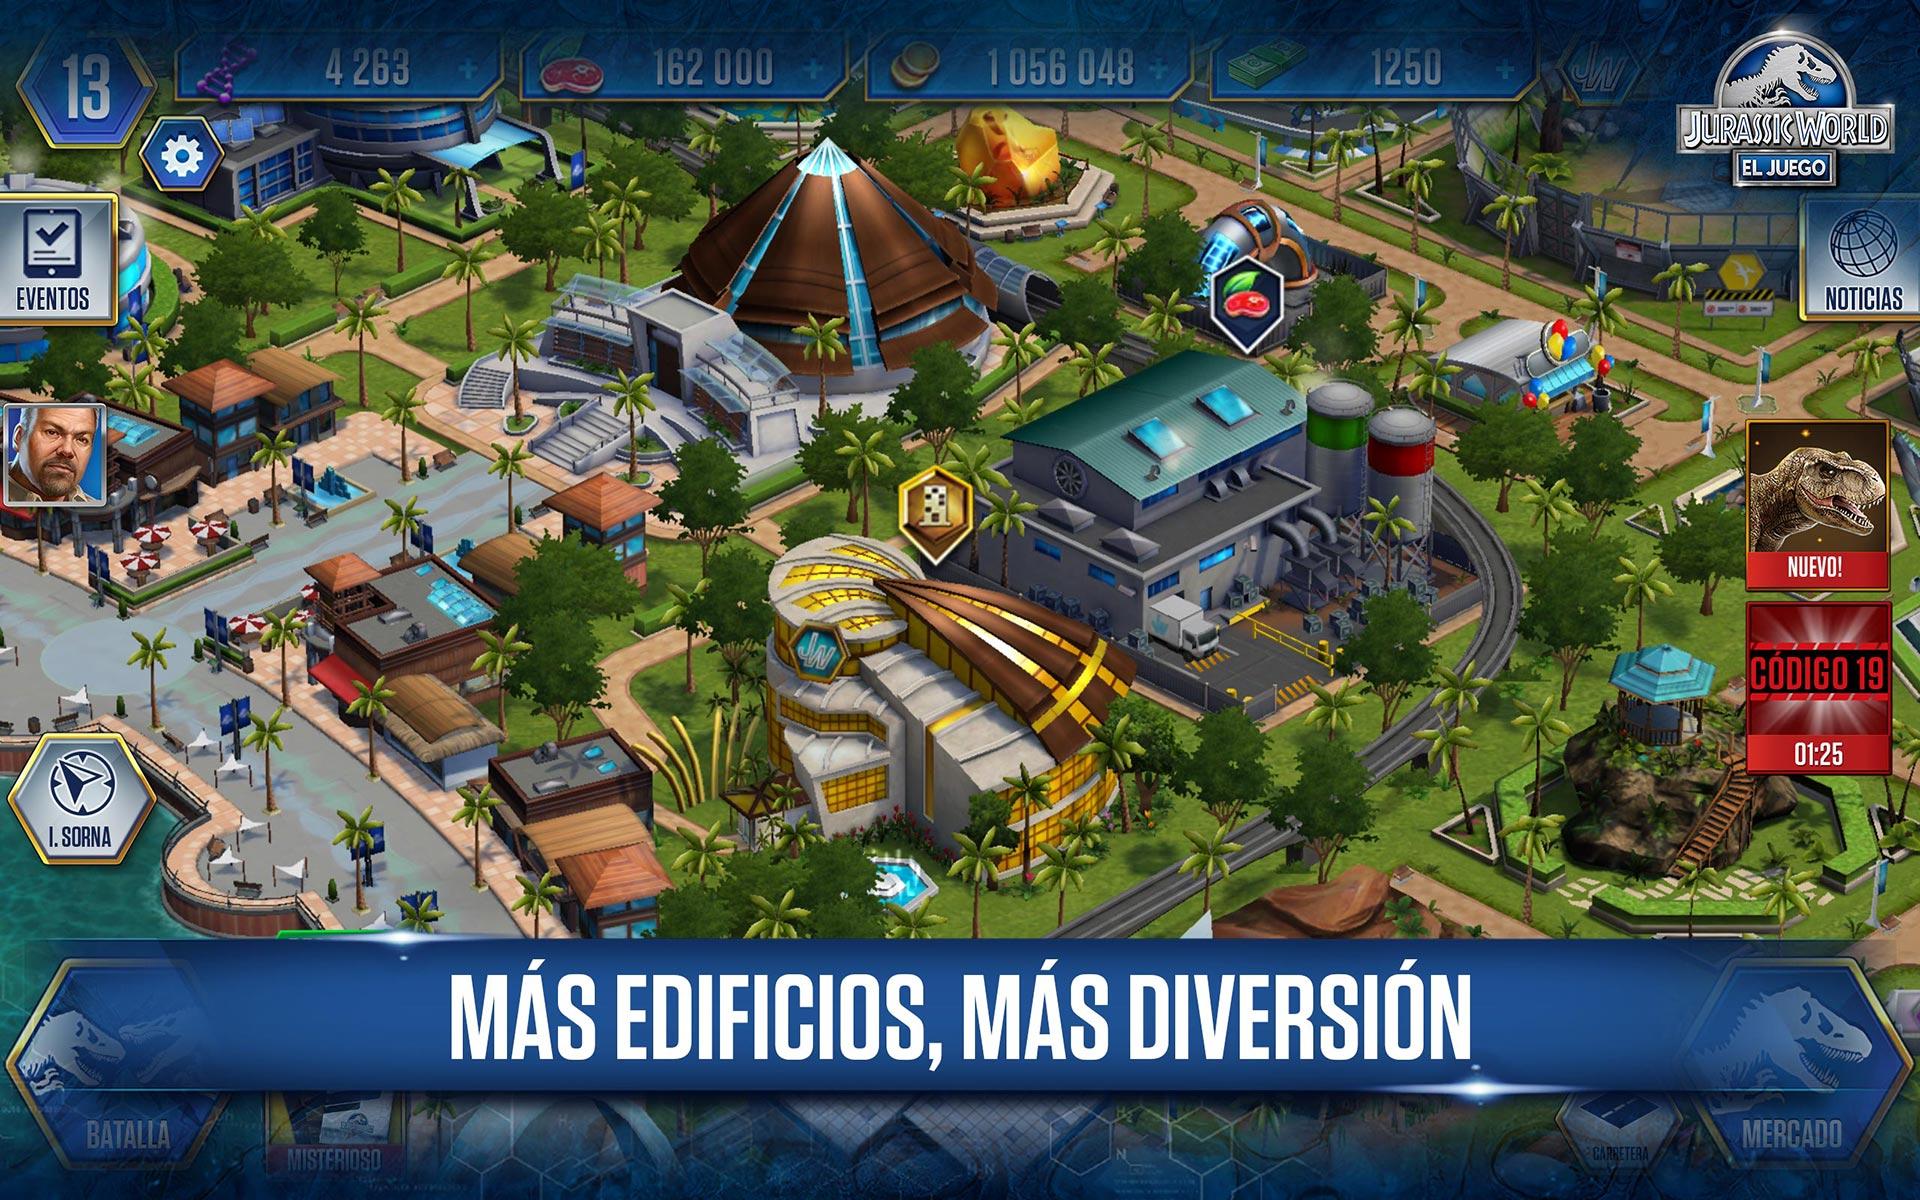 Jurassic World™: el juego: Amazon.es: Appstore para Android